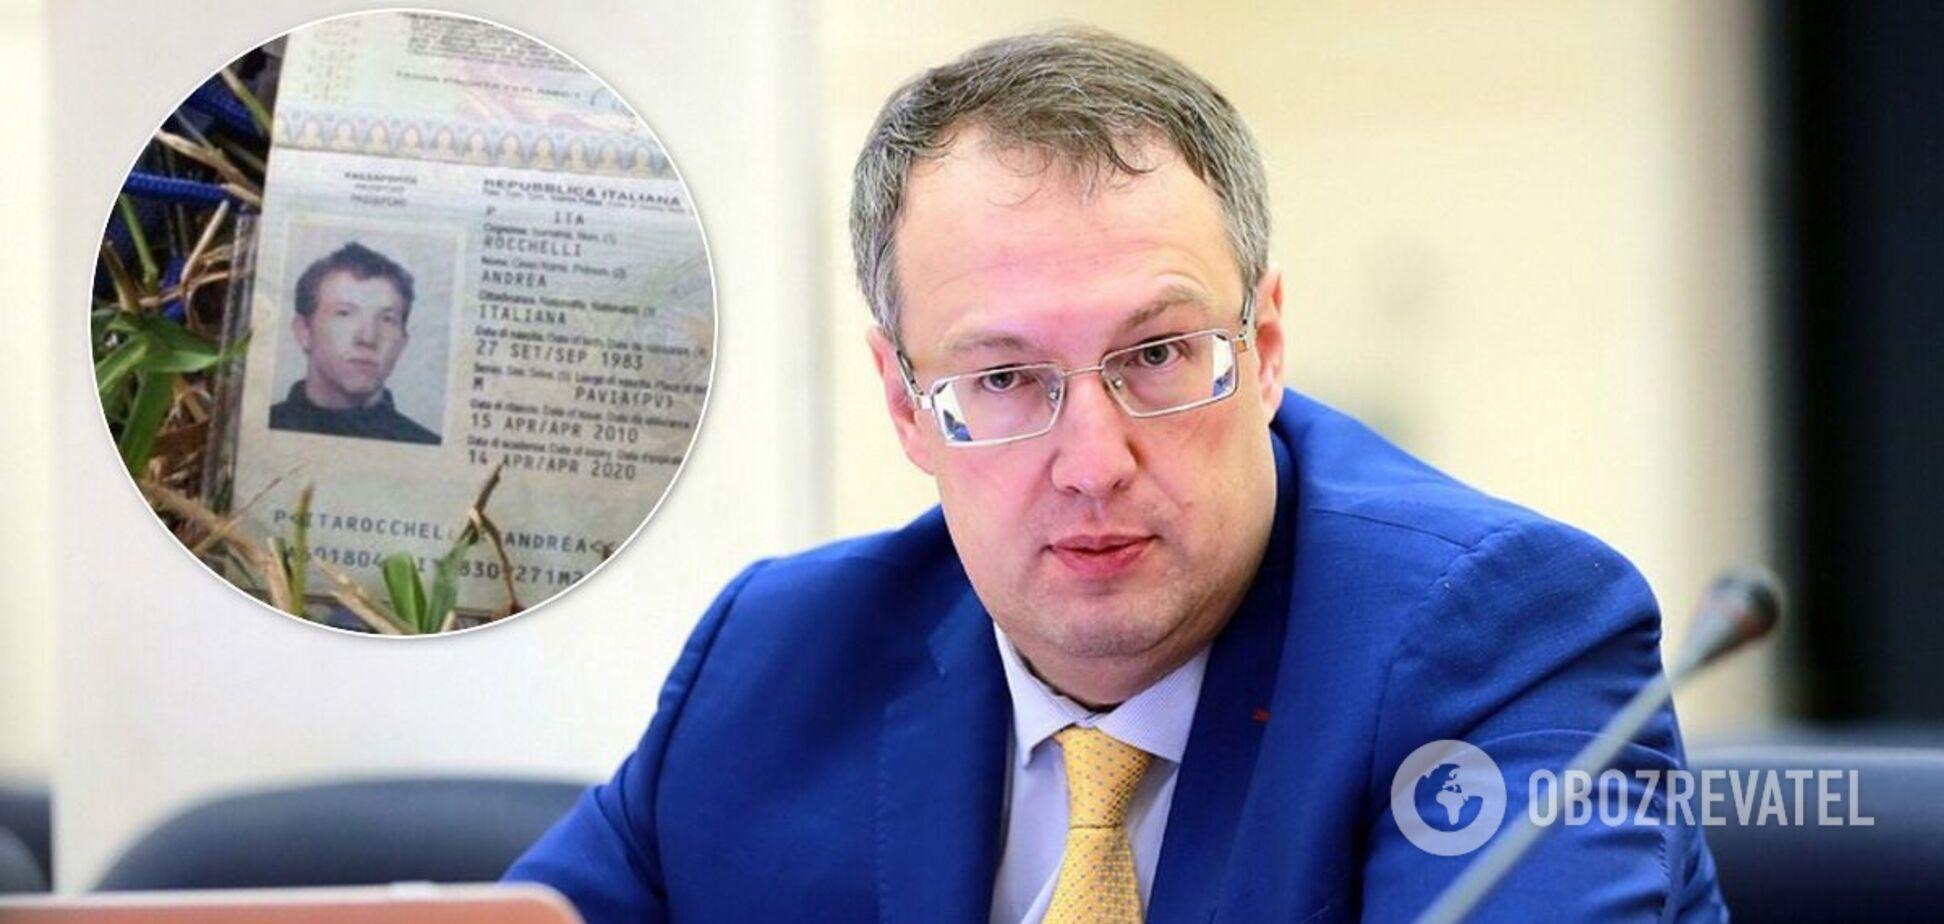 Рокеллі попереджали, що не треба у 2014 році їхати до Слов'янська